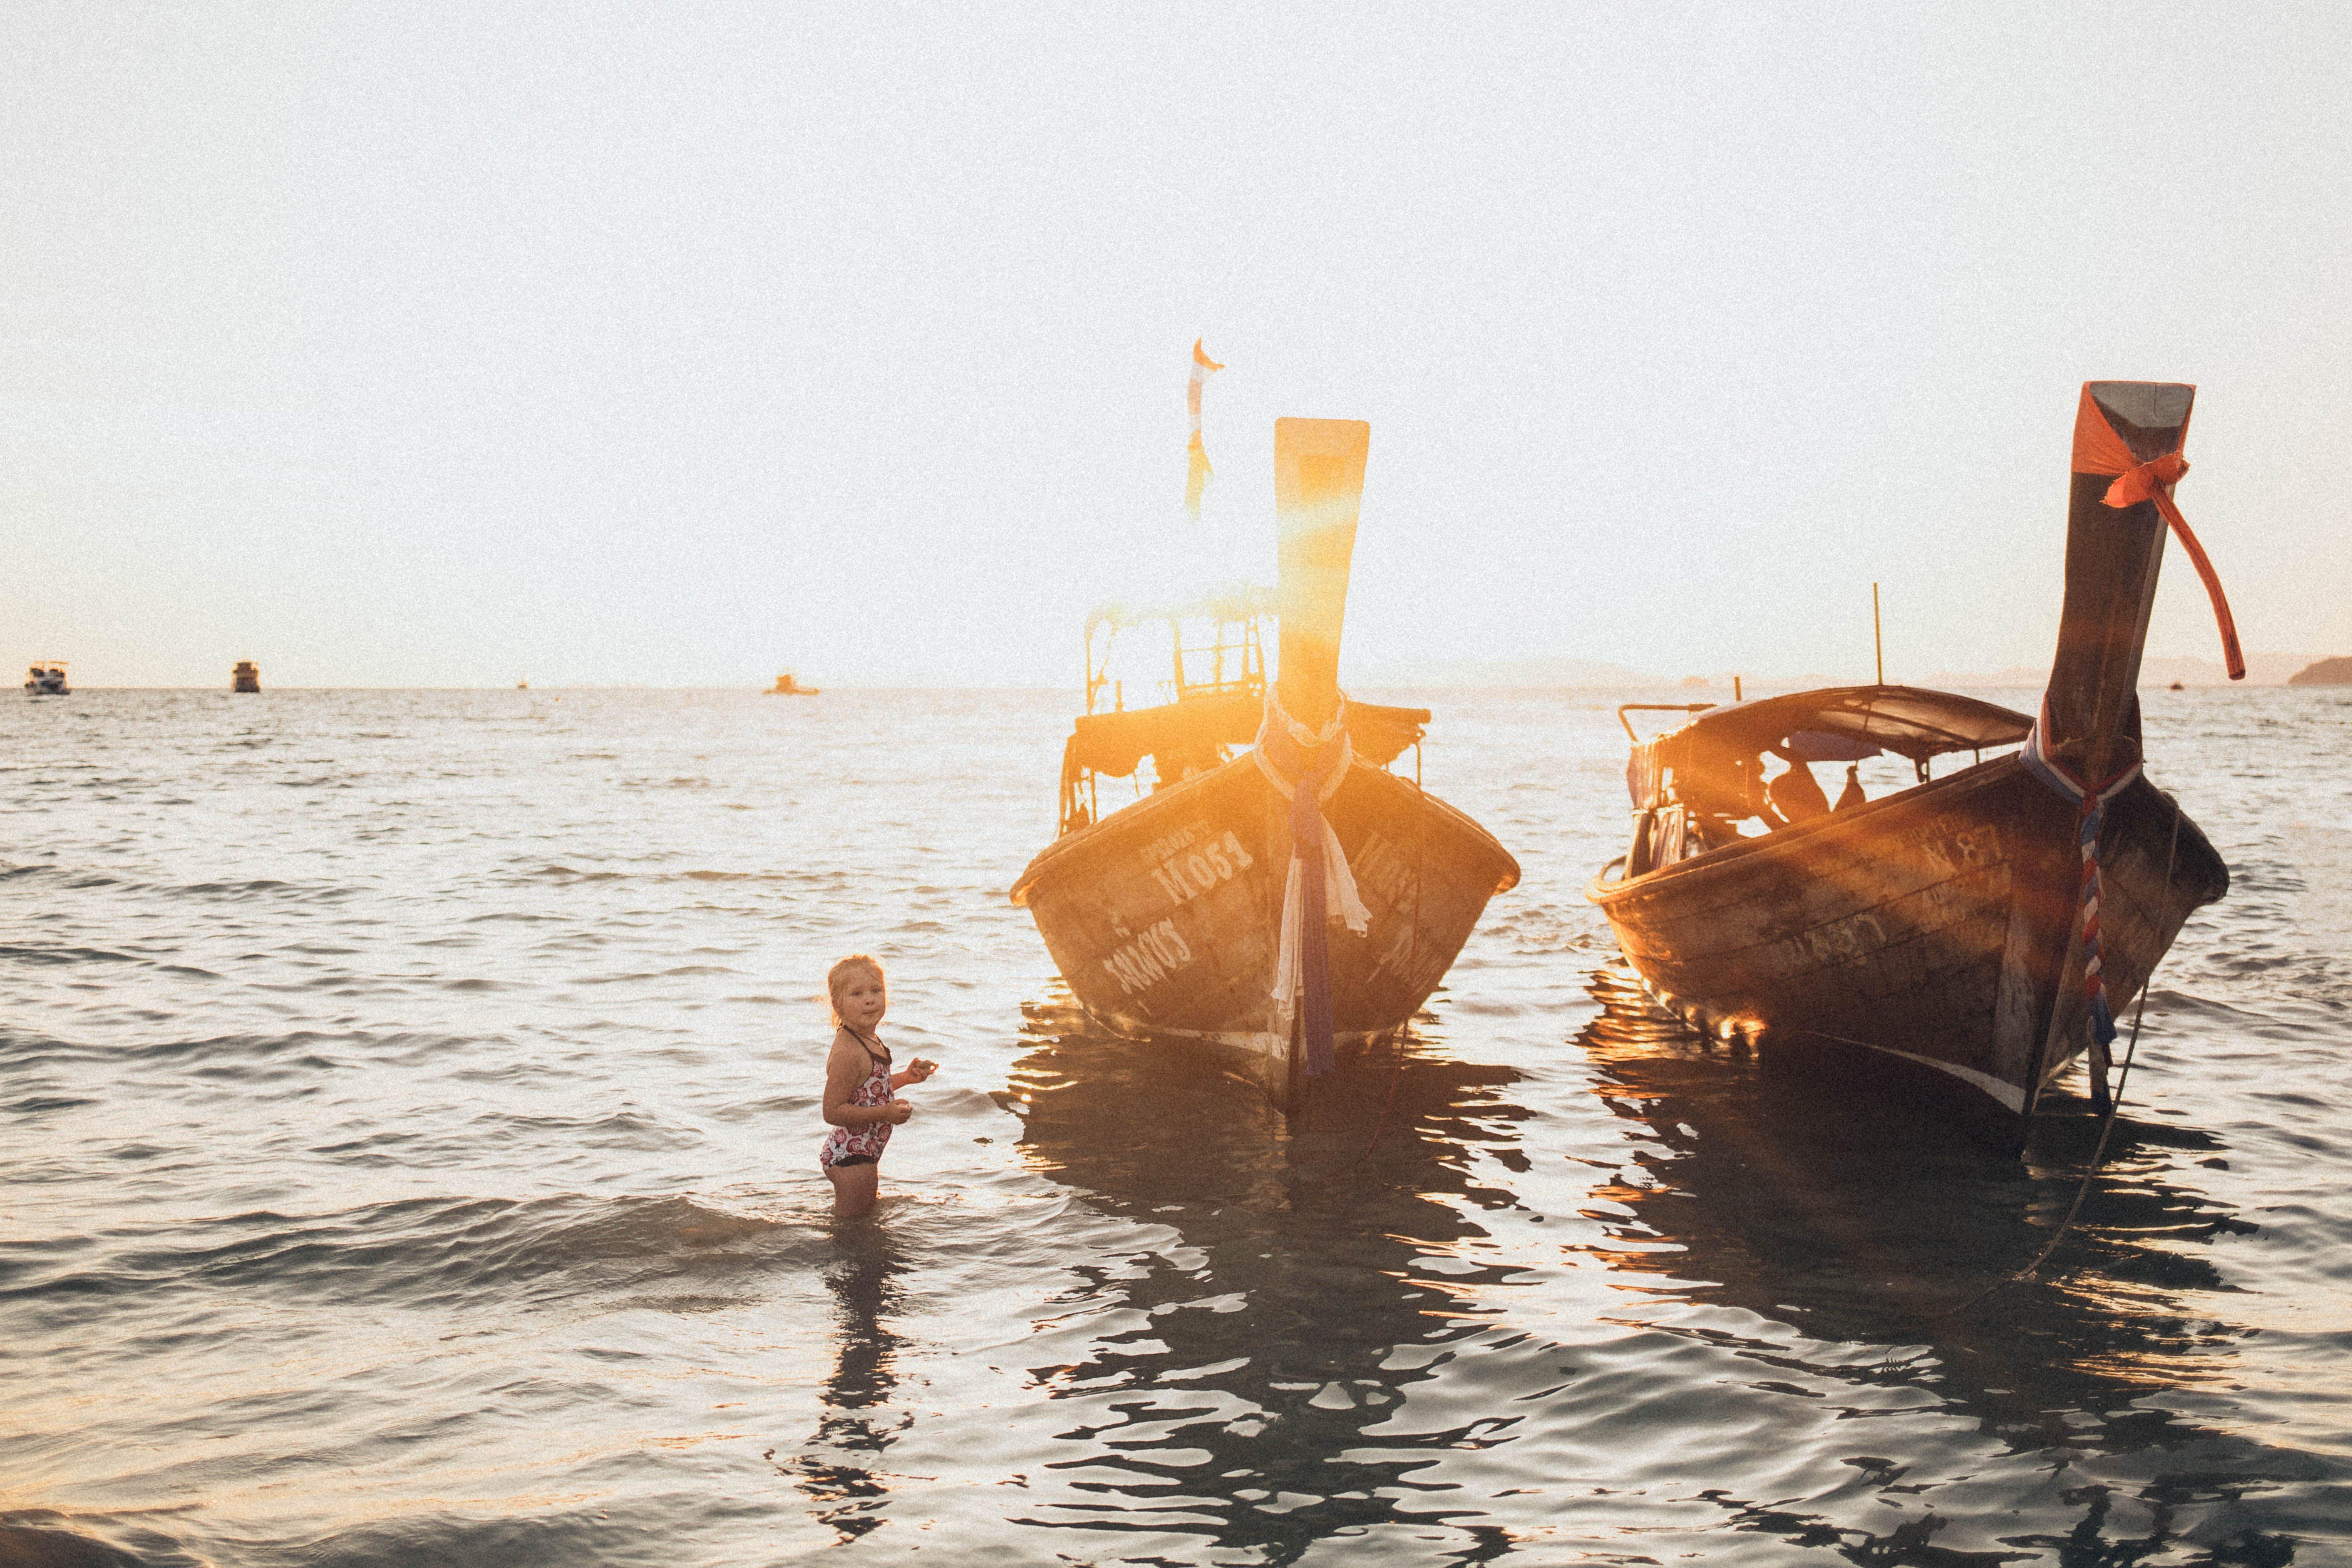 Gratis lagerfoto af både, hav, Pige, strand